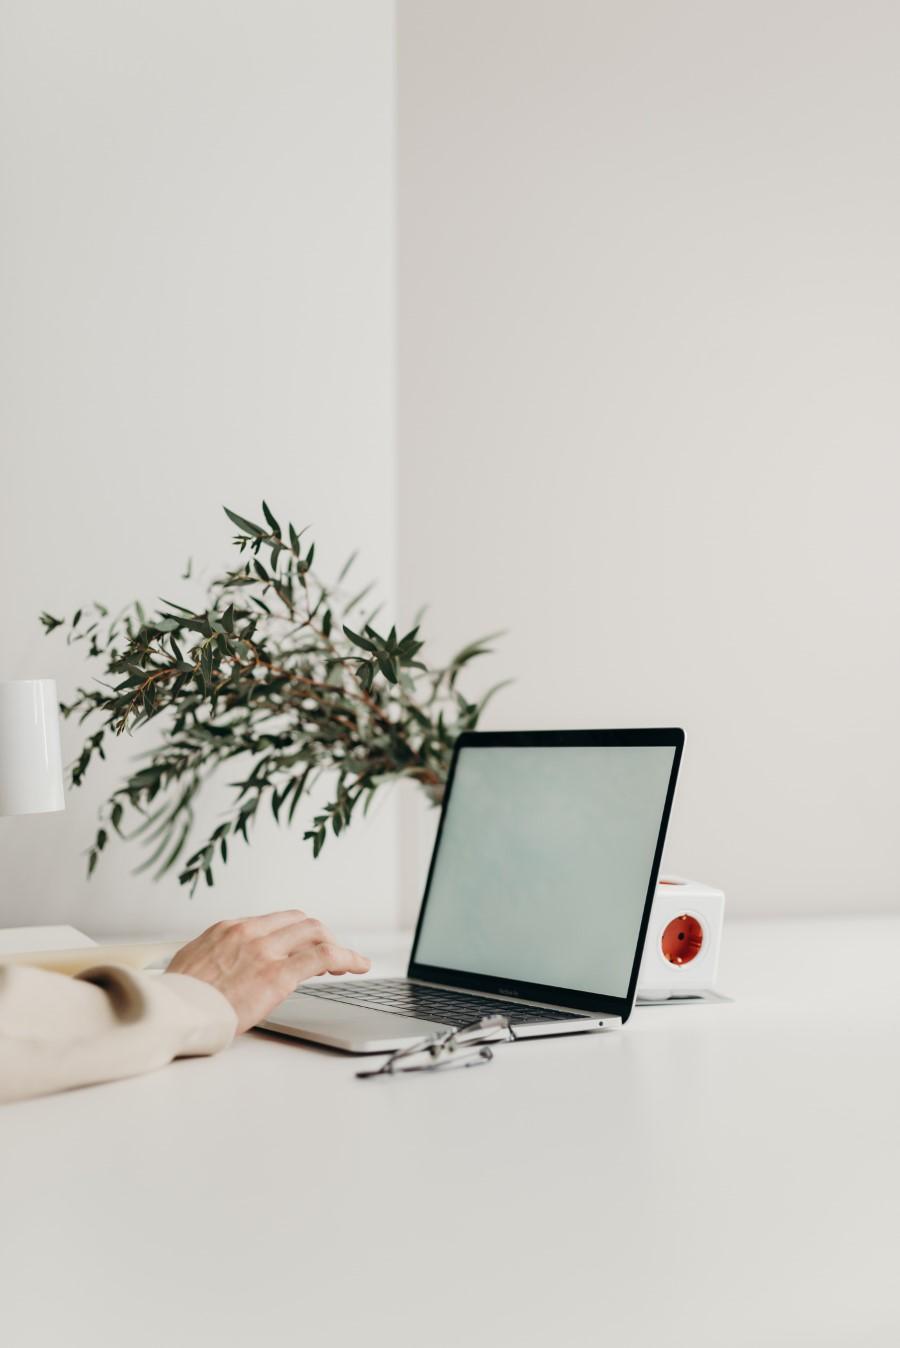 4 τεχνικές χρόνου που θα αυξήσουν την παραγωγικότητα σου